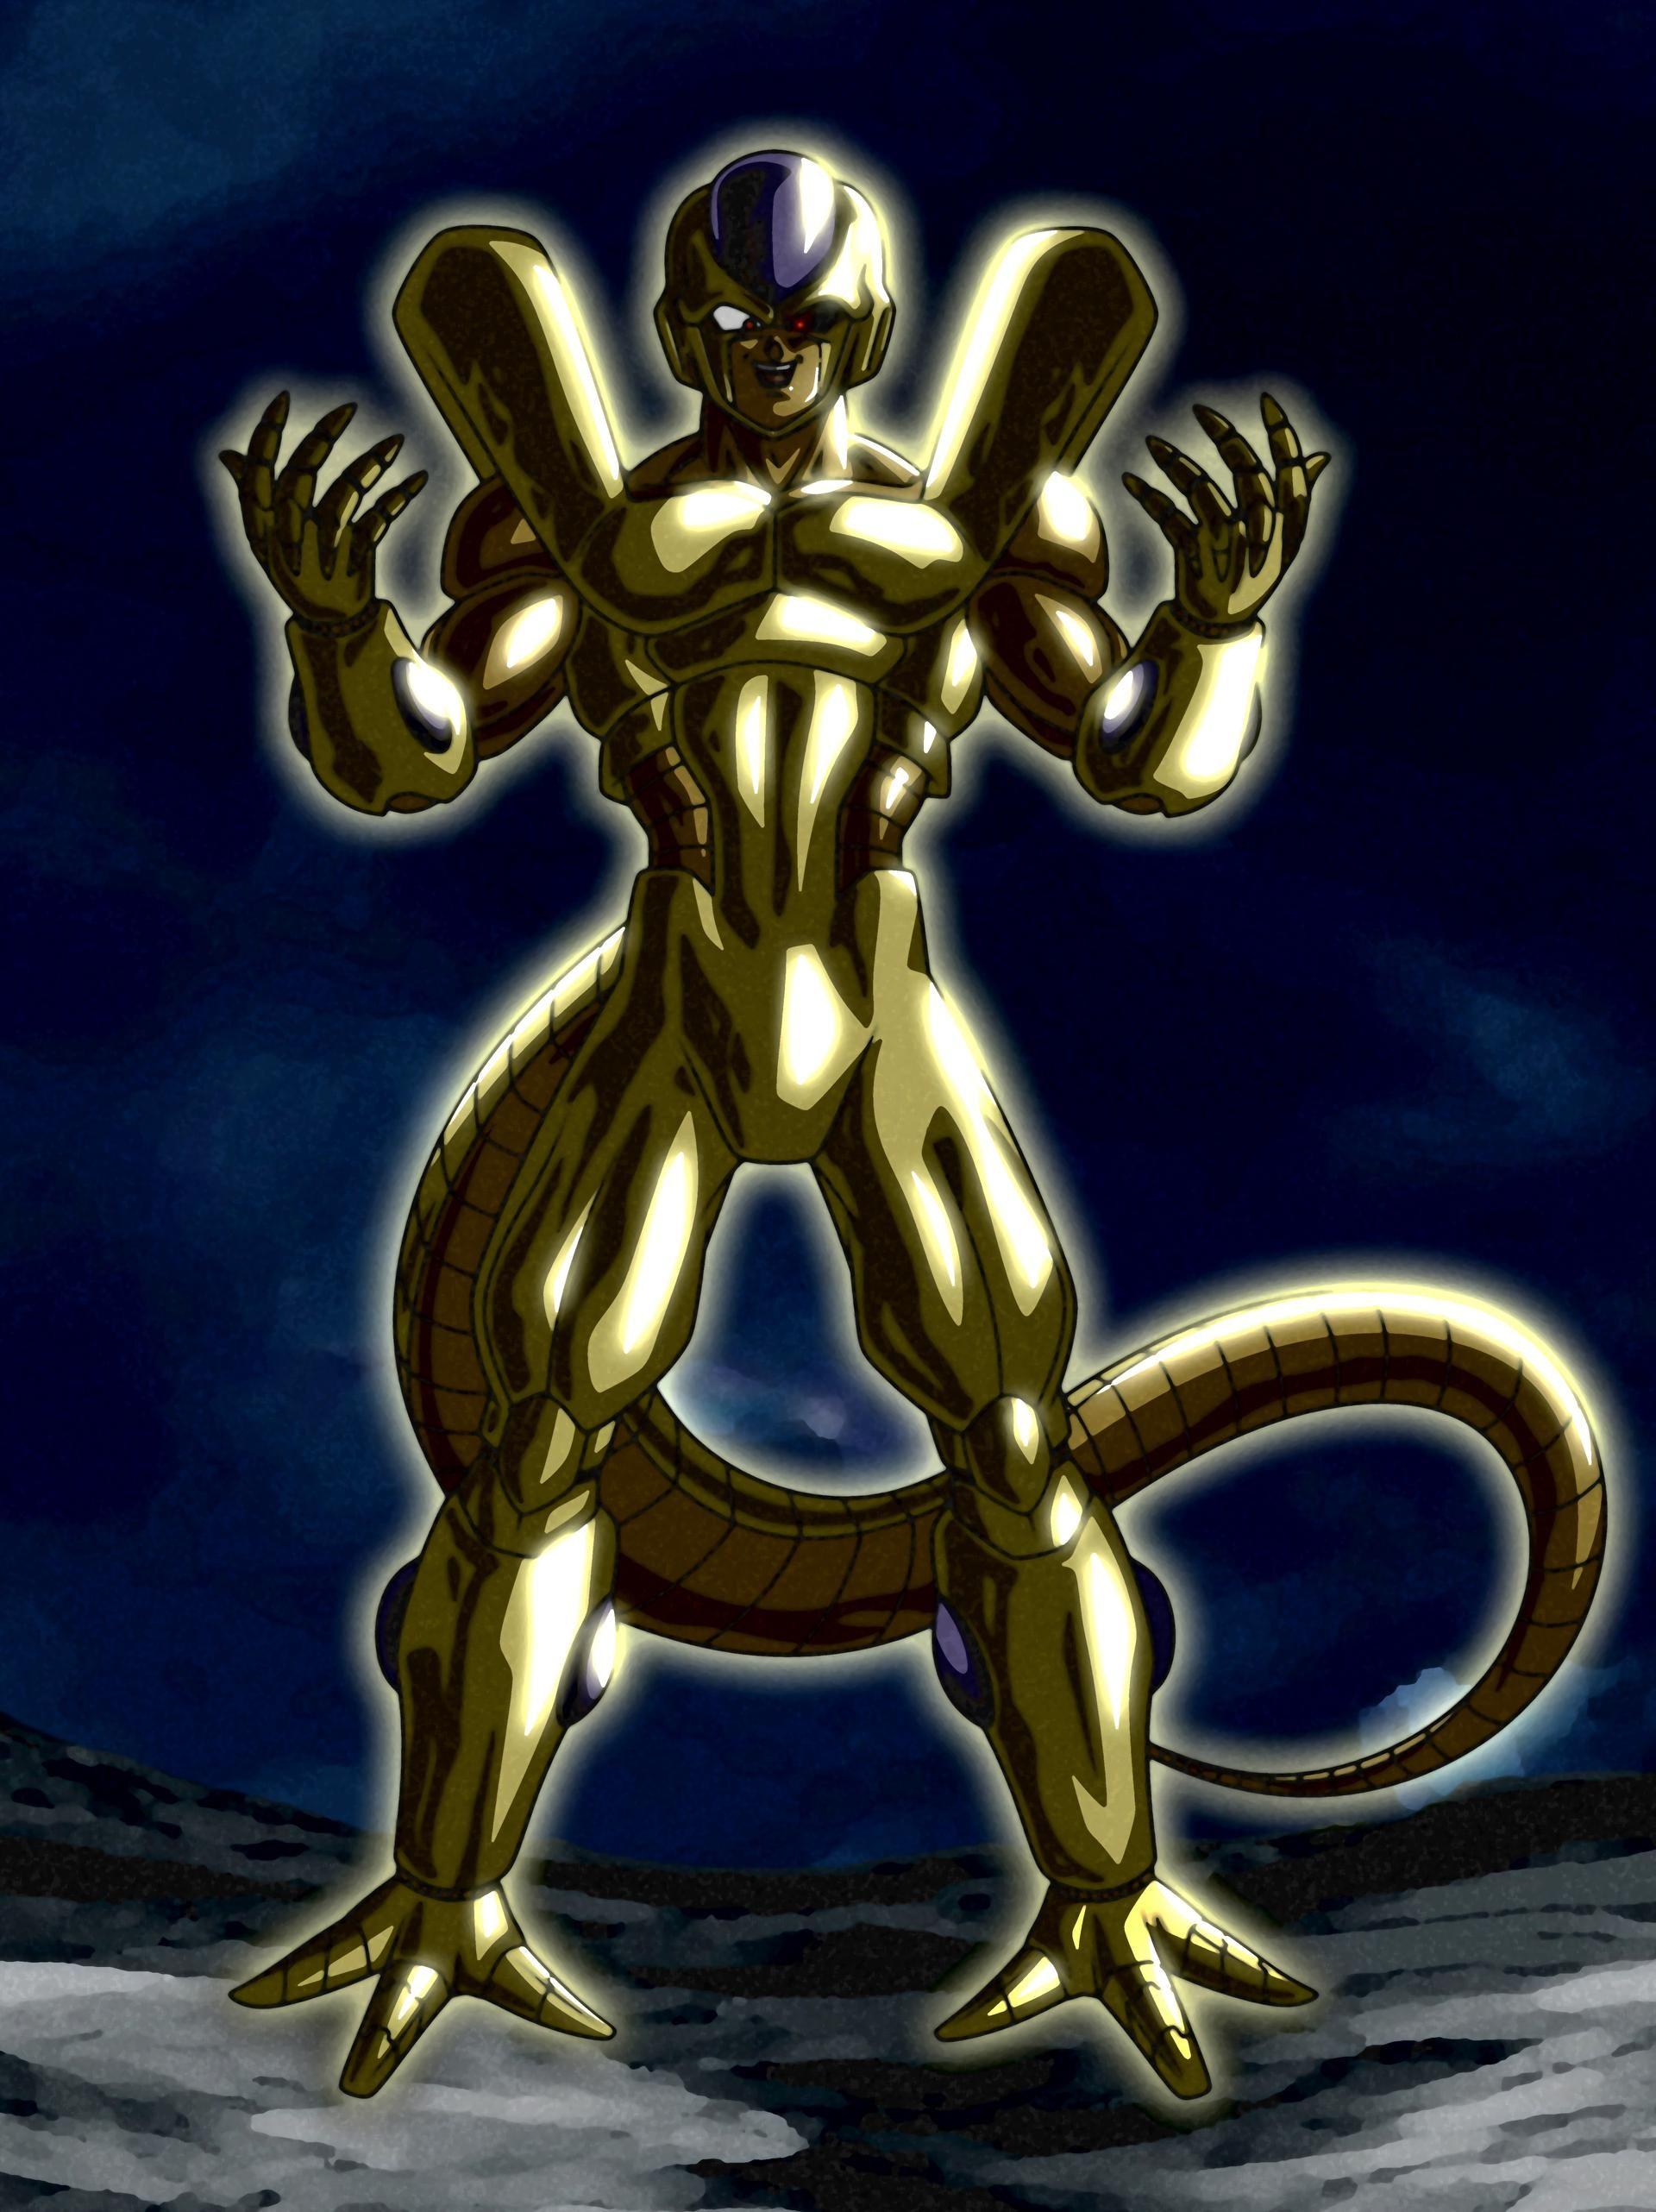 Terrifying Evolution Golden Metal Cooler By Ssjrose890 On Deviantart Dragon Ball Artwork Dragon Ball Art Anime Dragon Ball Super